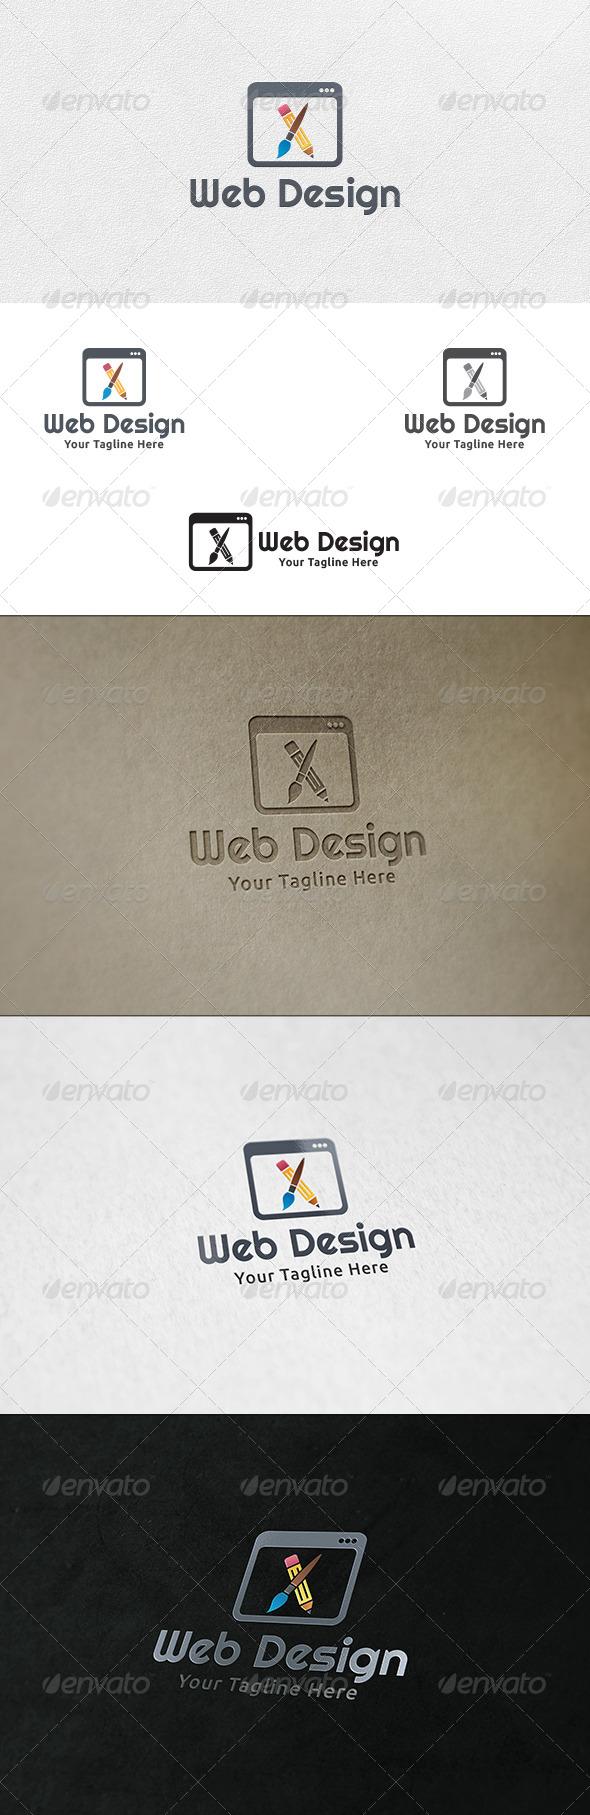 Web Designing - Logo Template